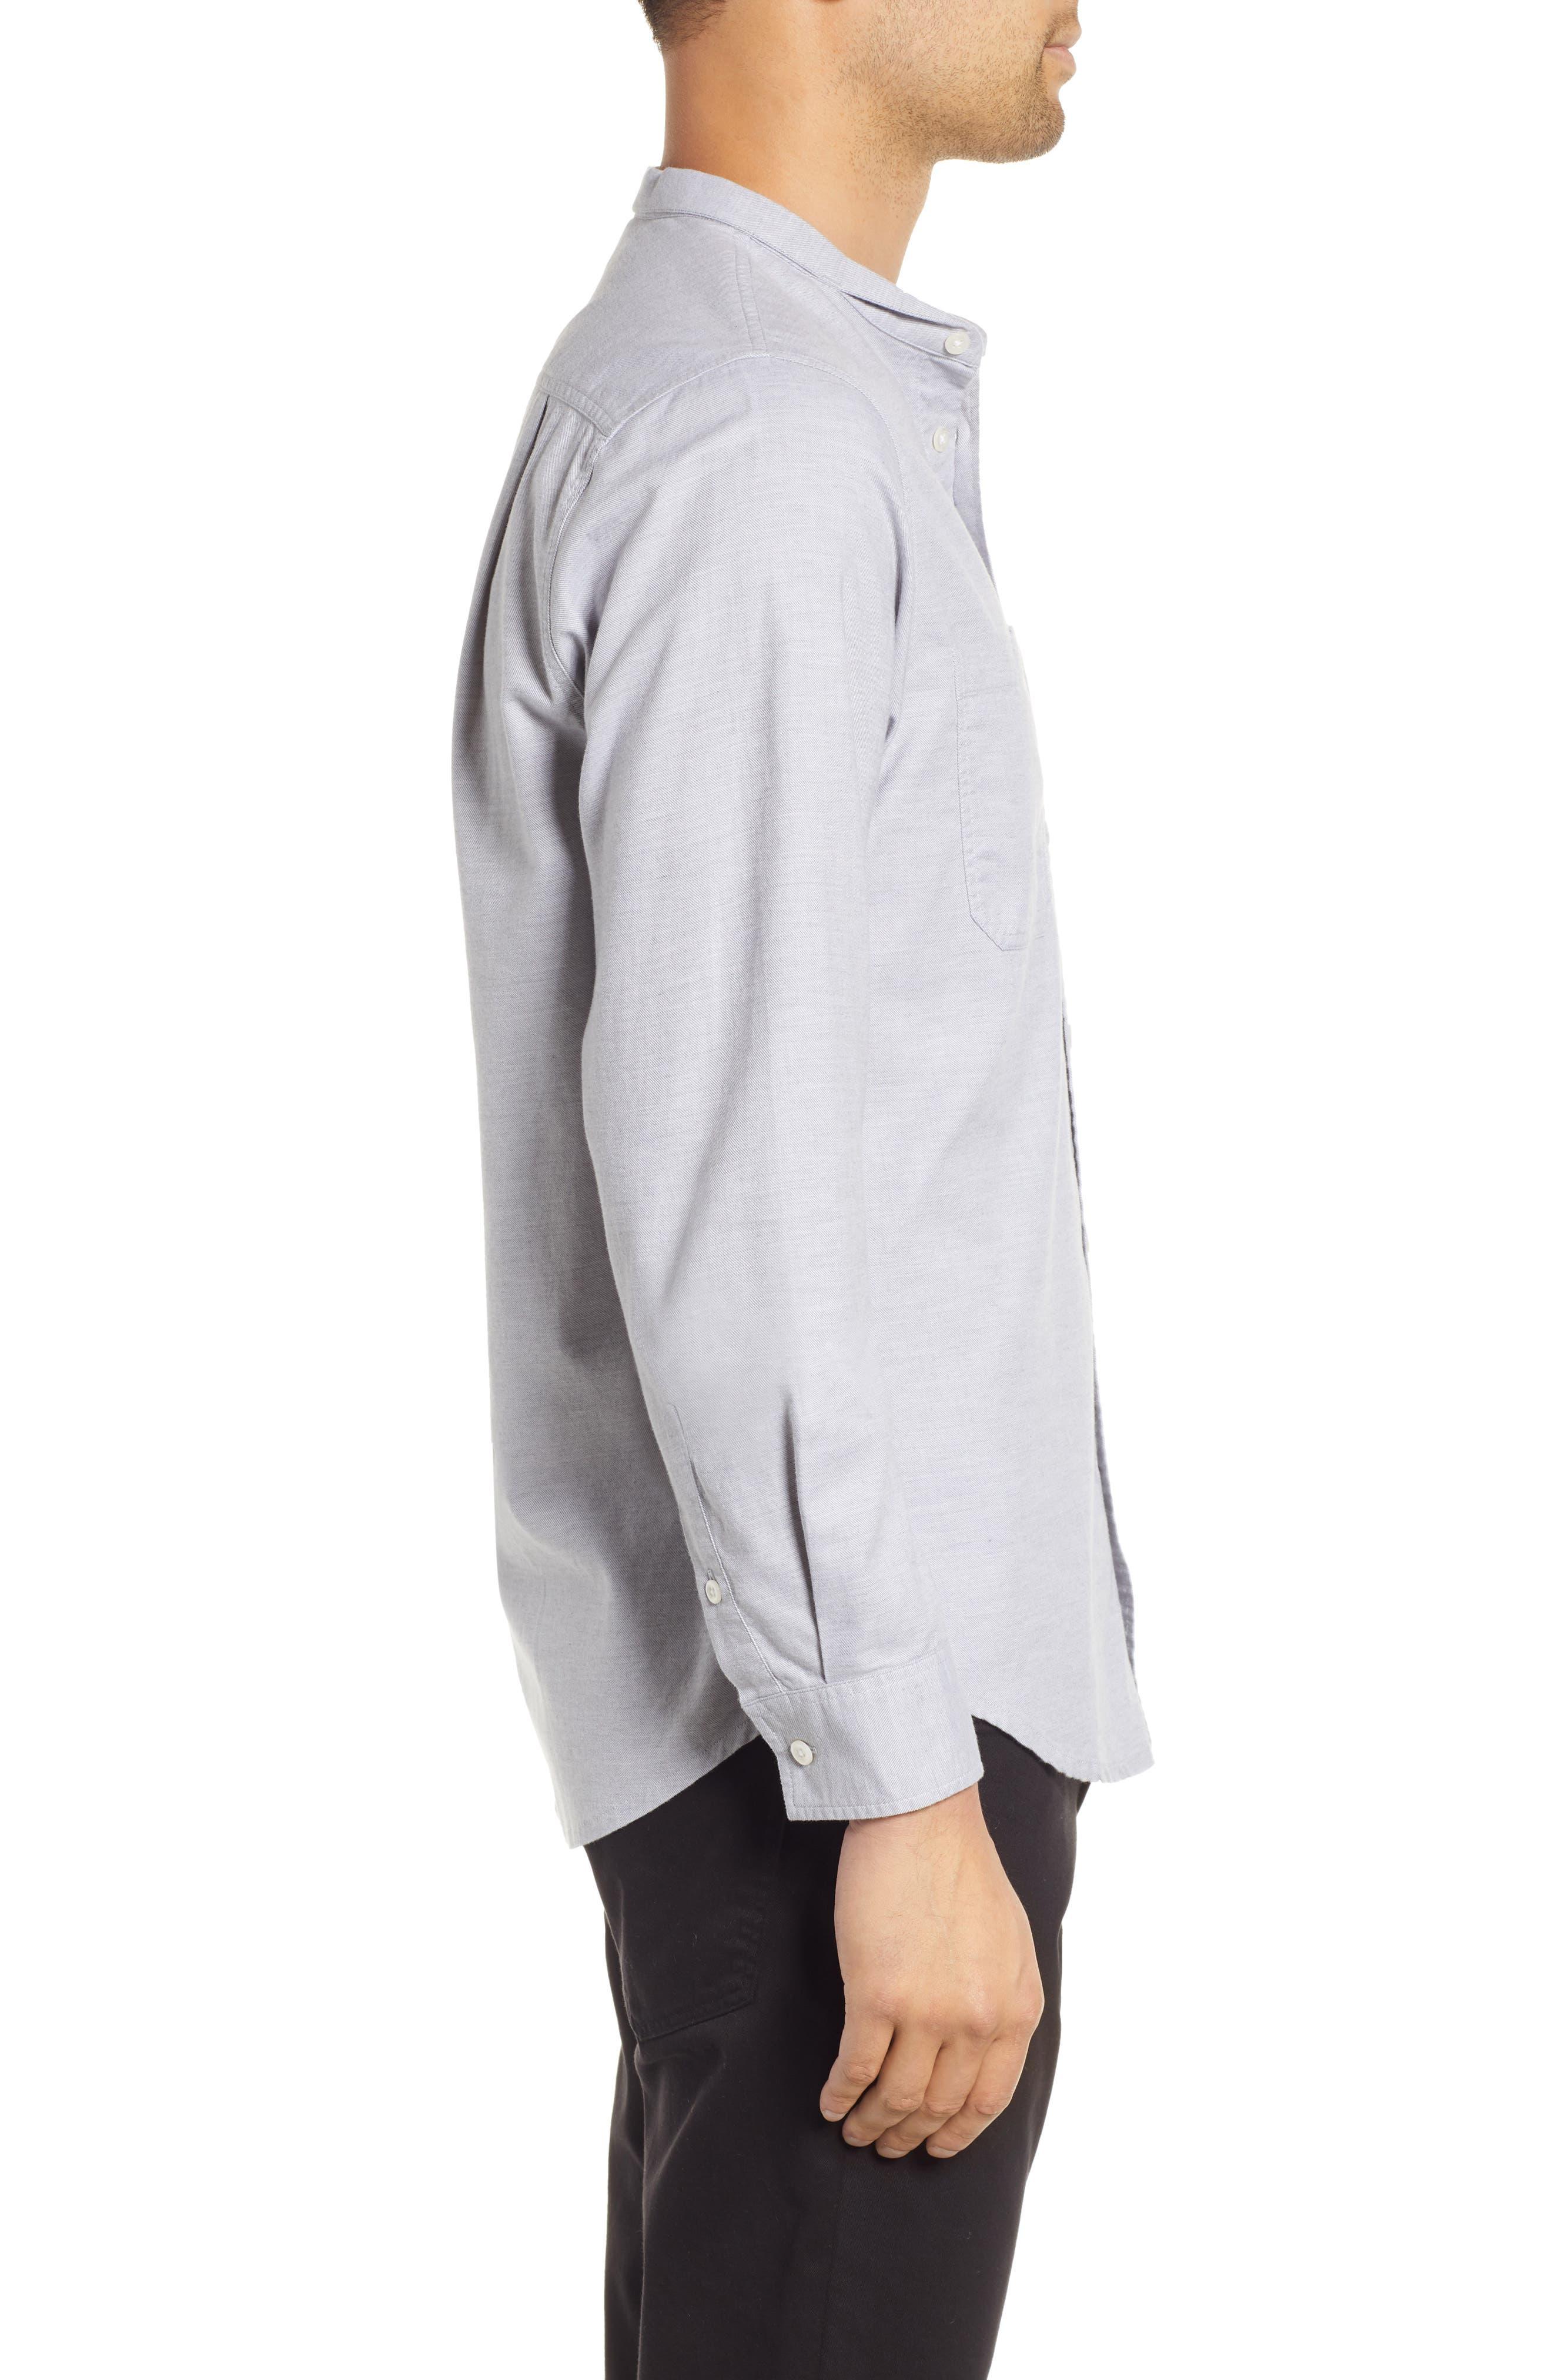 Rick Regular Fit Solid Sport Shirt,                             Alternate thumbnail 4, color,                             GREY MELANGE